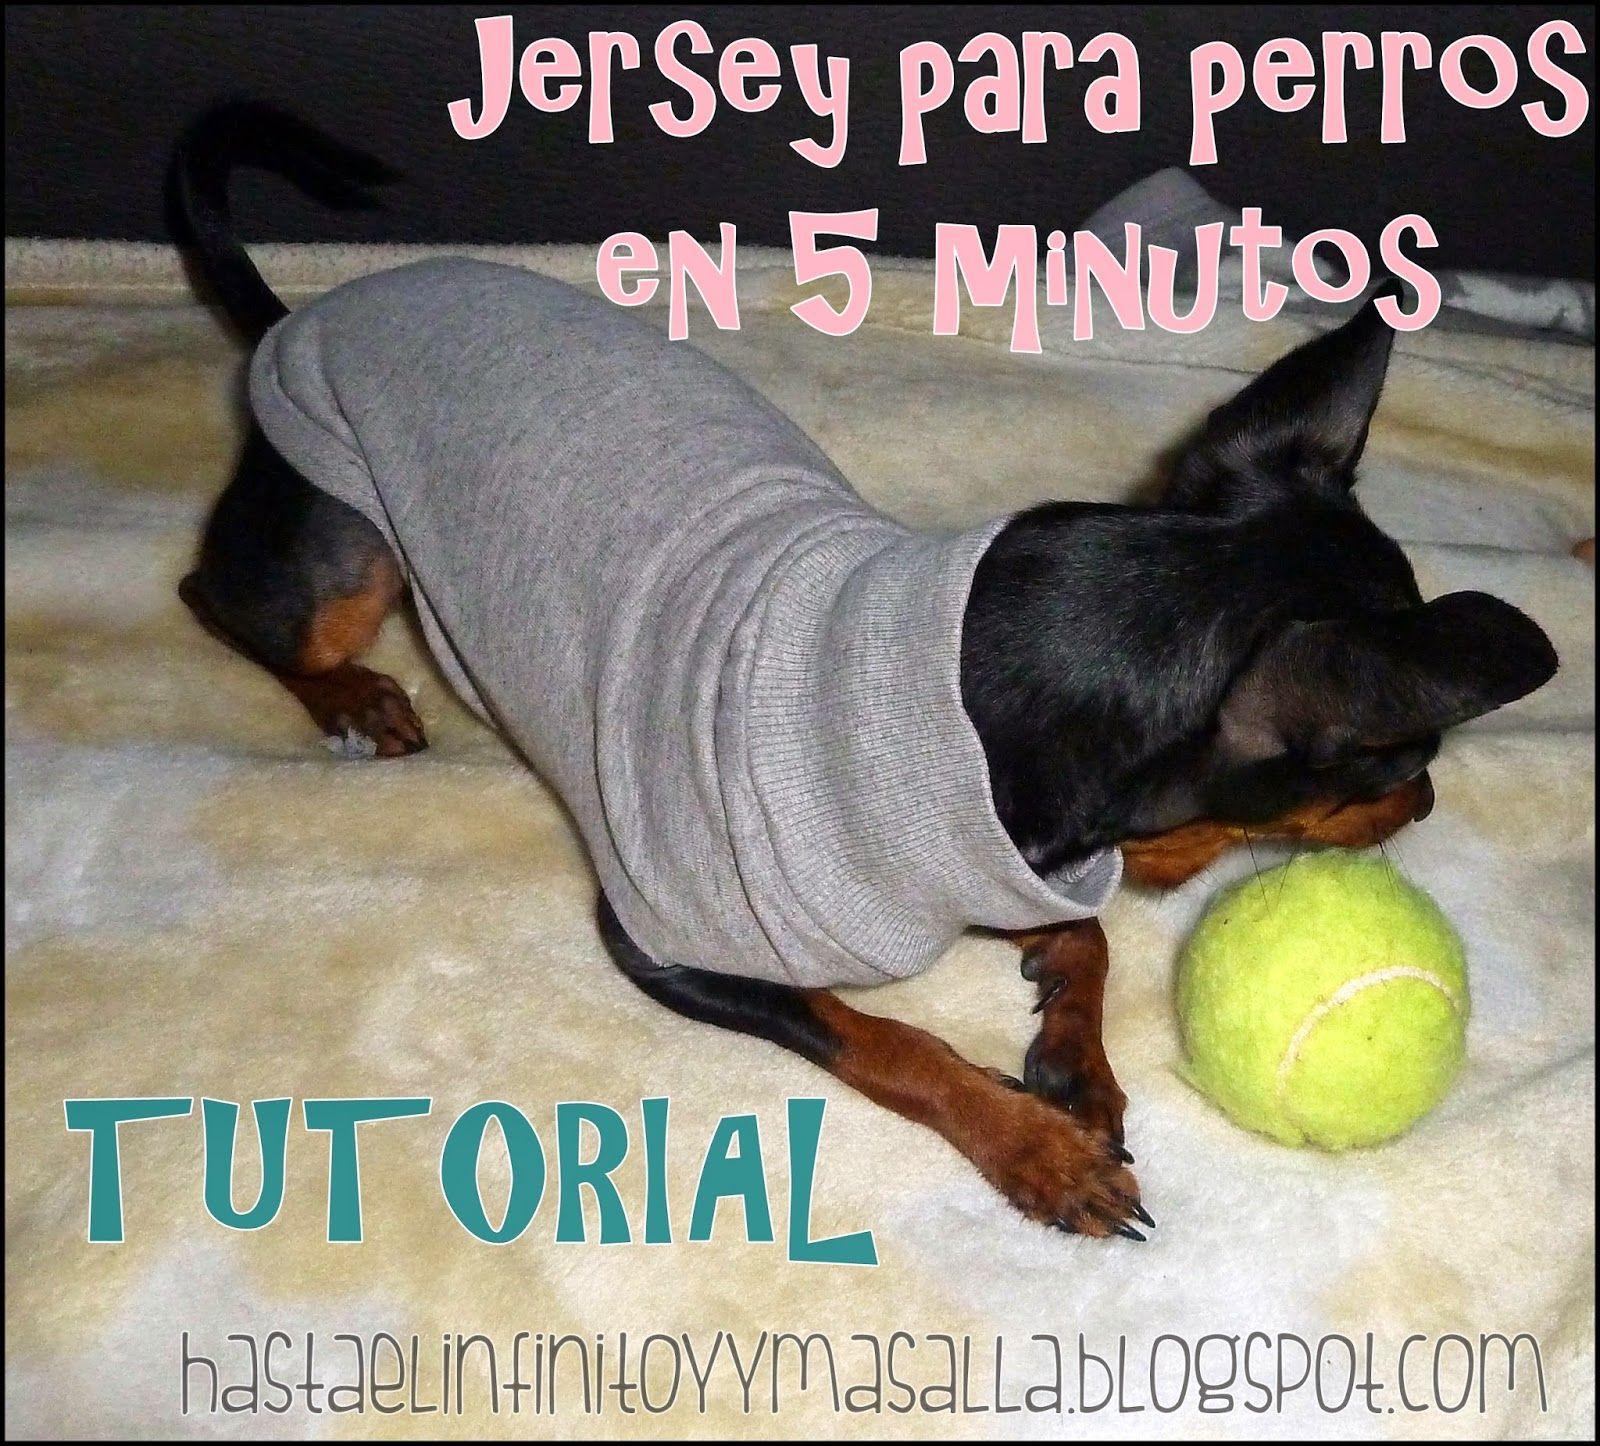 TUTORIAL: como hacer ropa para perros DIY, fácil y rápido. | Ropa ...